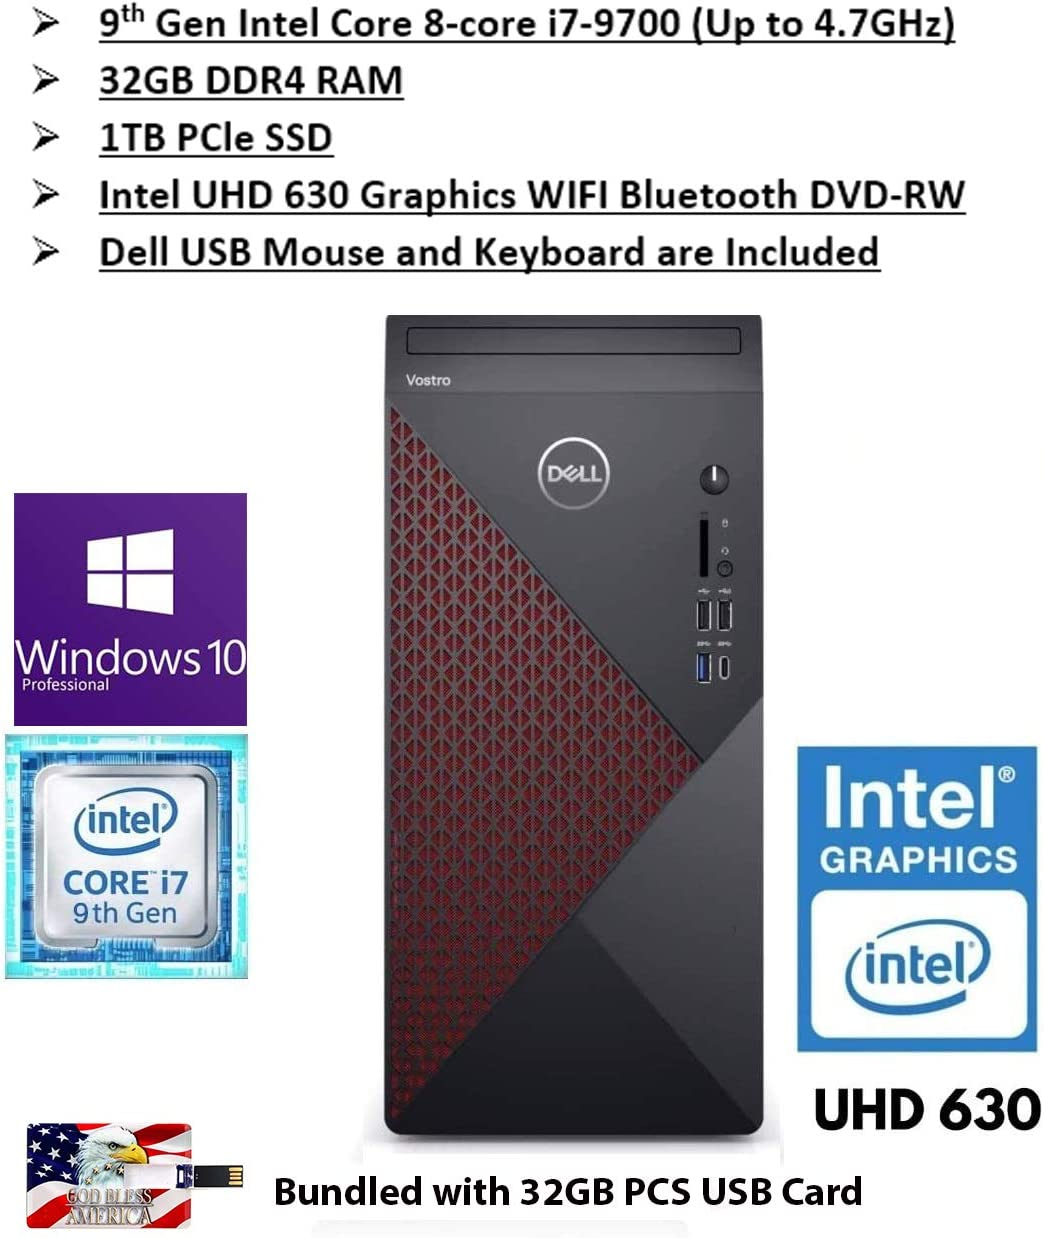 2020 Newest Dell Vostro 5000 Biz Tower Desktop Intel 8-Core i7-9700 Processor(Upto 4.7Gh) 32GB RAM 1TB PCIe SSD Intel UHD 63 WiFi Bluetoot DVD HDMI Win10Pro 32GB PCS USB Card